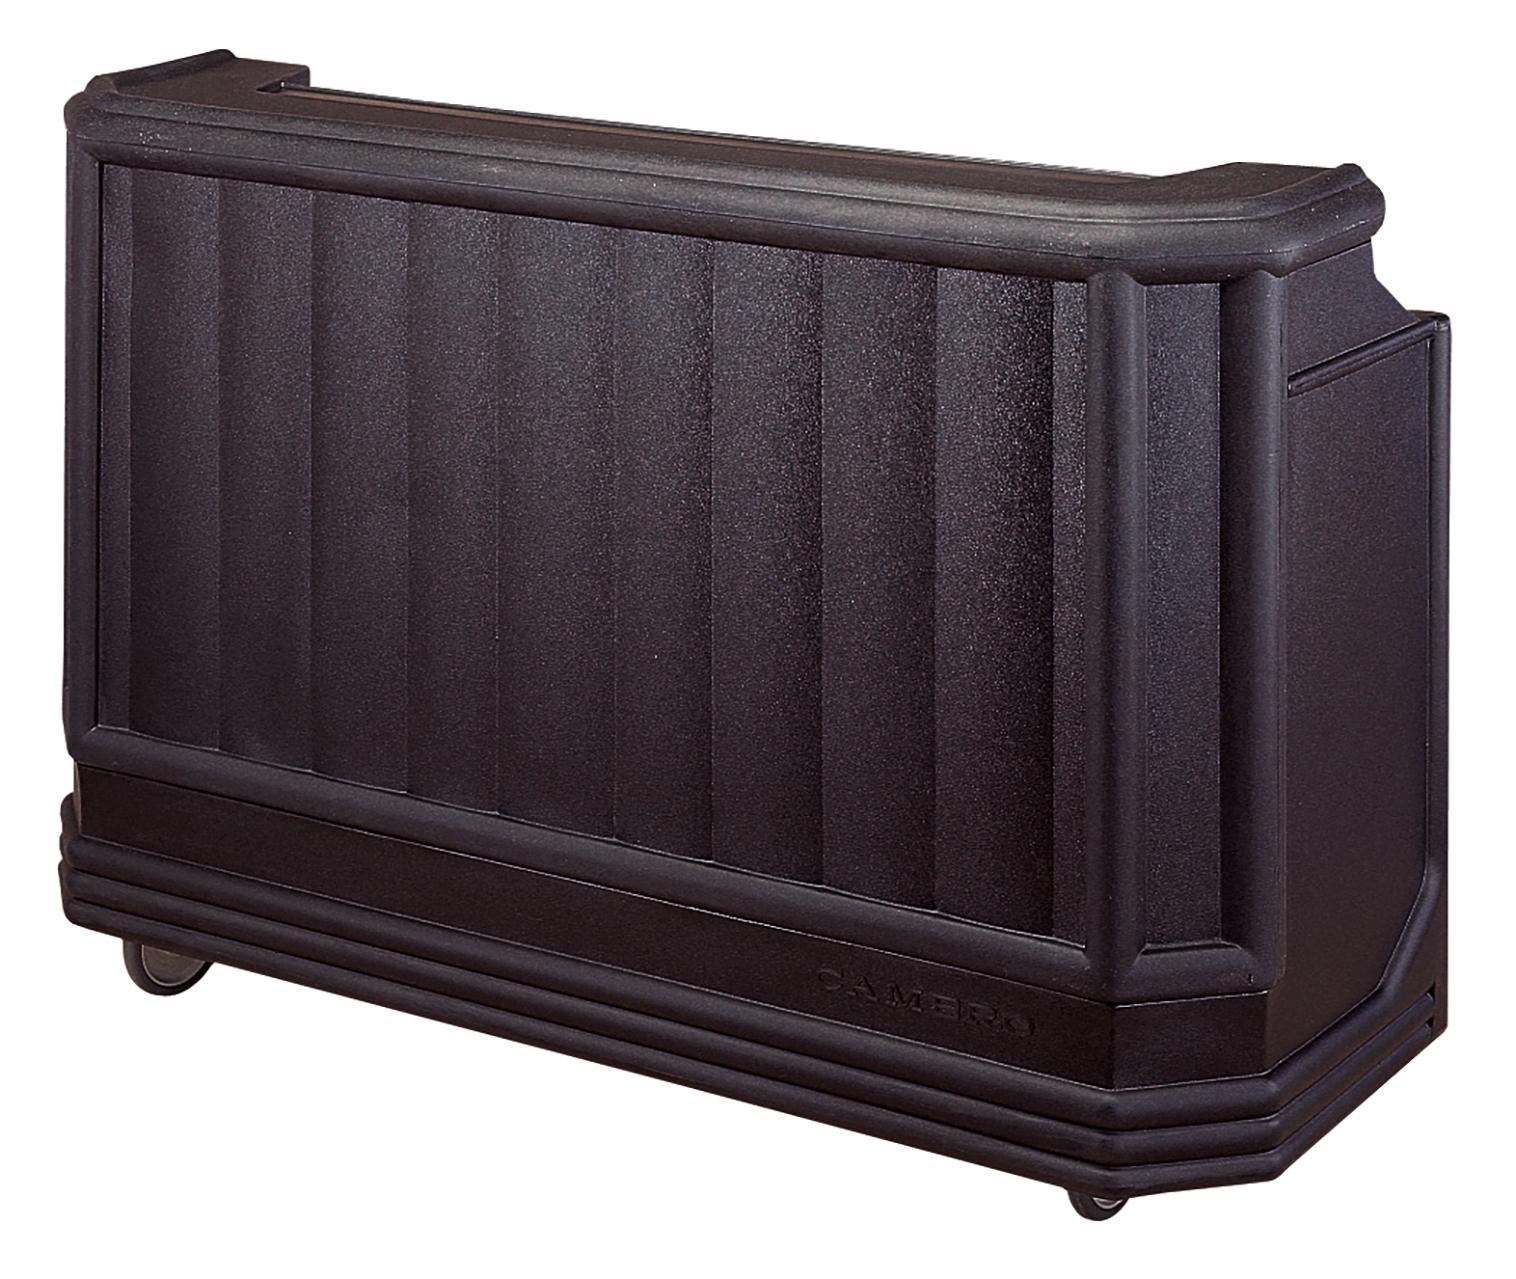 Cambro BAR730PM110 portable bar